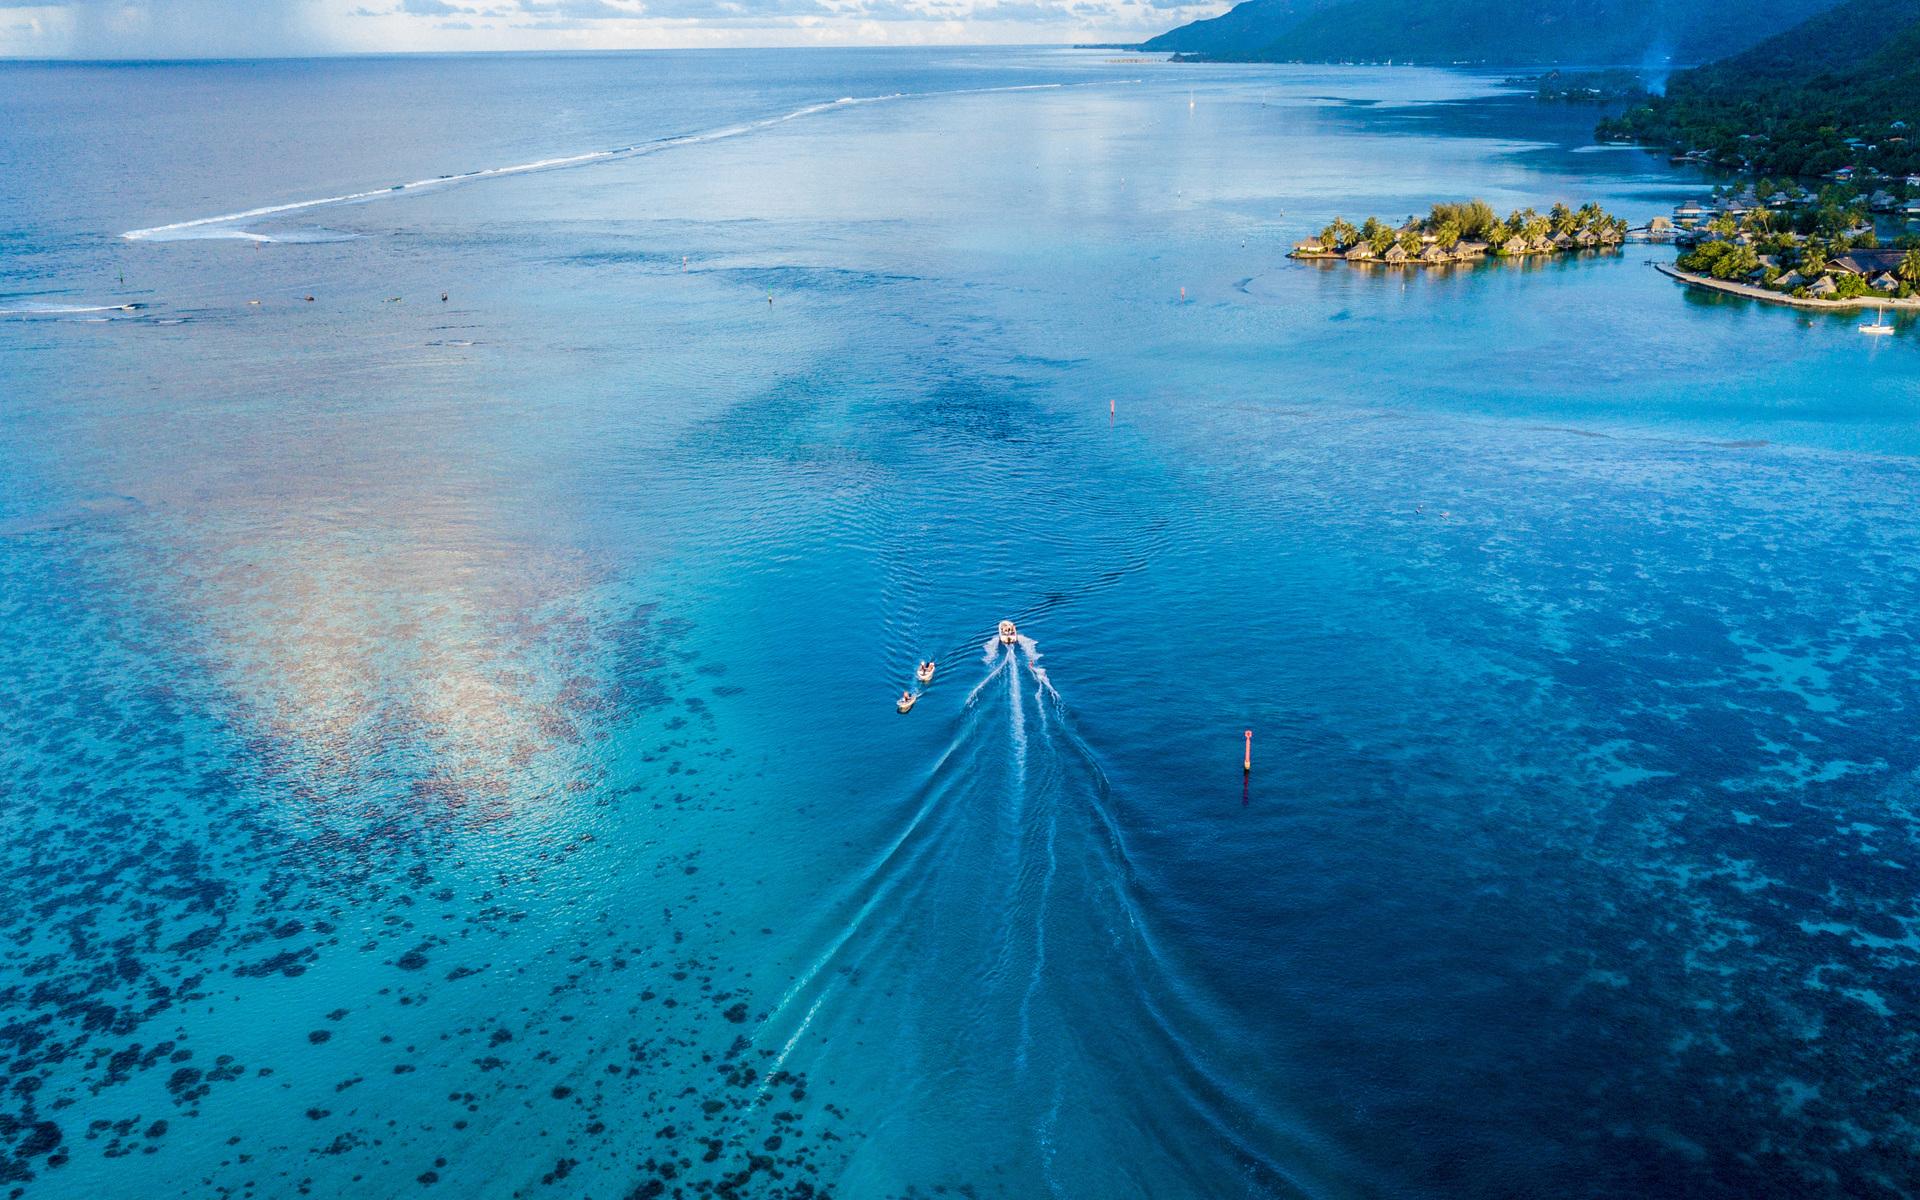 boat-sailing-top-view-4k-y0.jpg